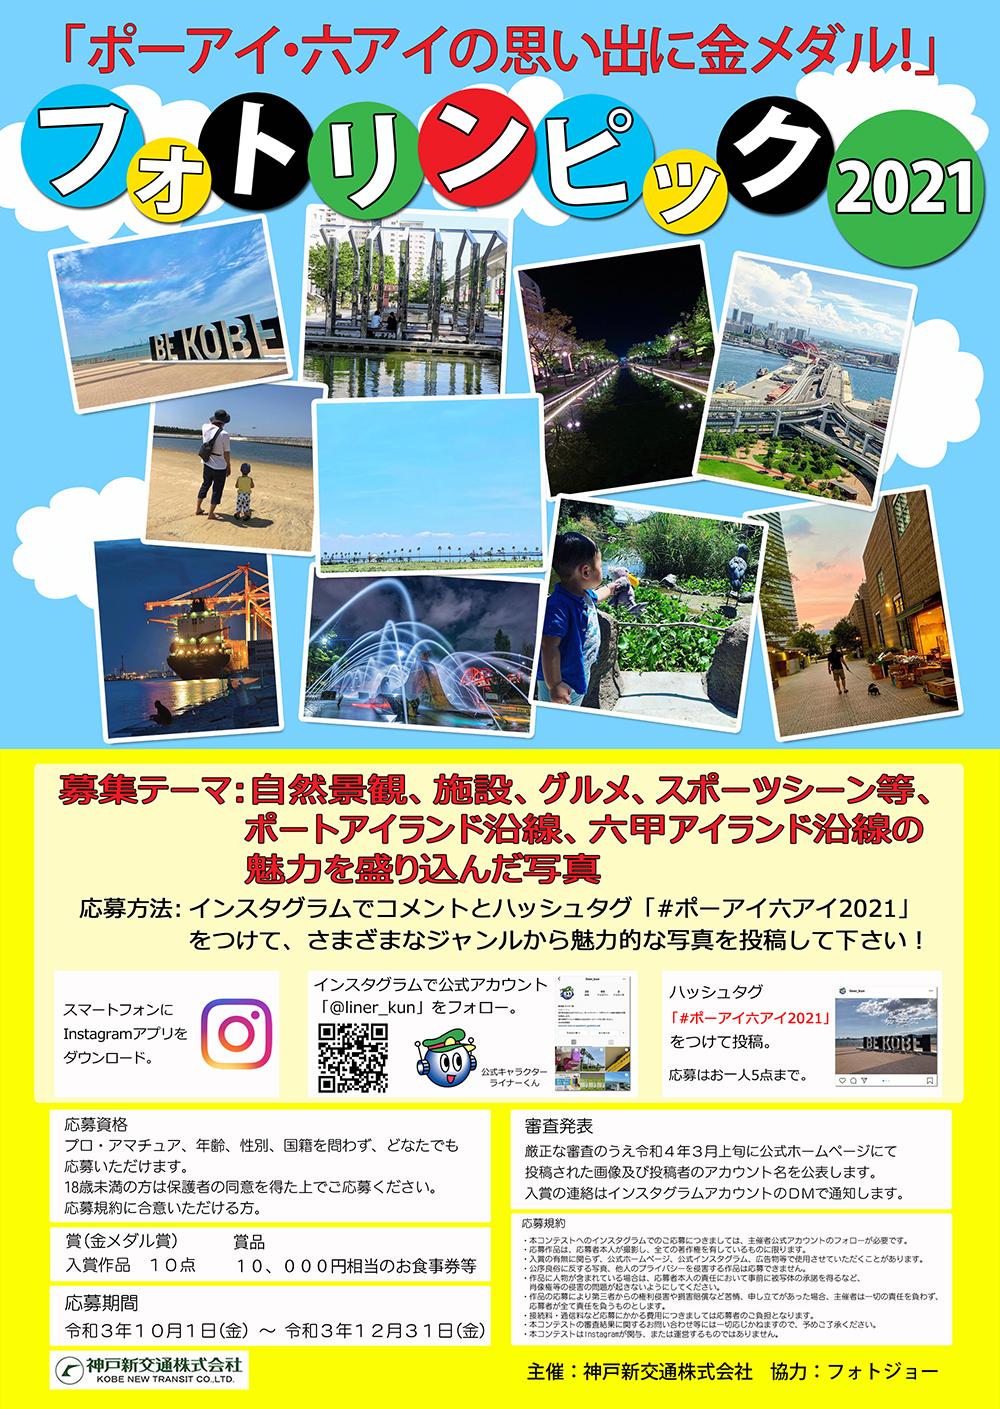 神戸新交通主催「ポーアイ・六アイの思い出に金メダル!フォトリンピック 2021」開催!